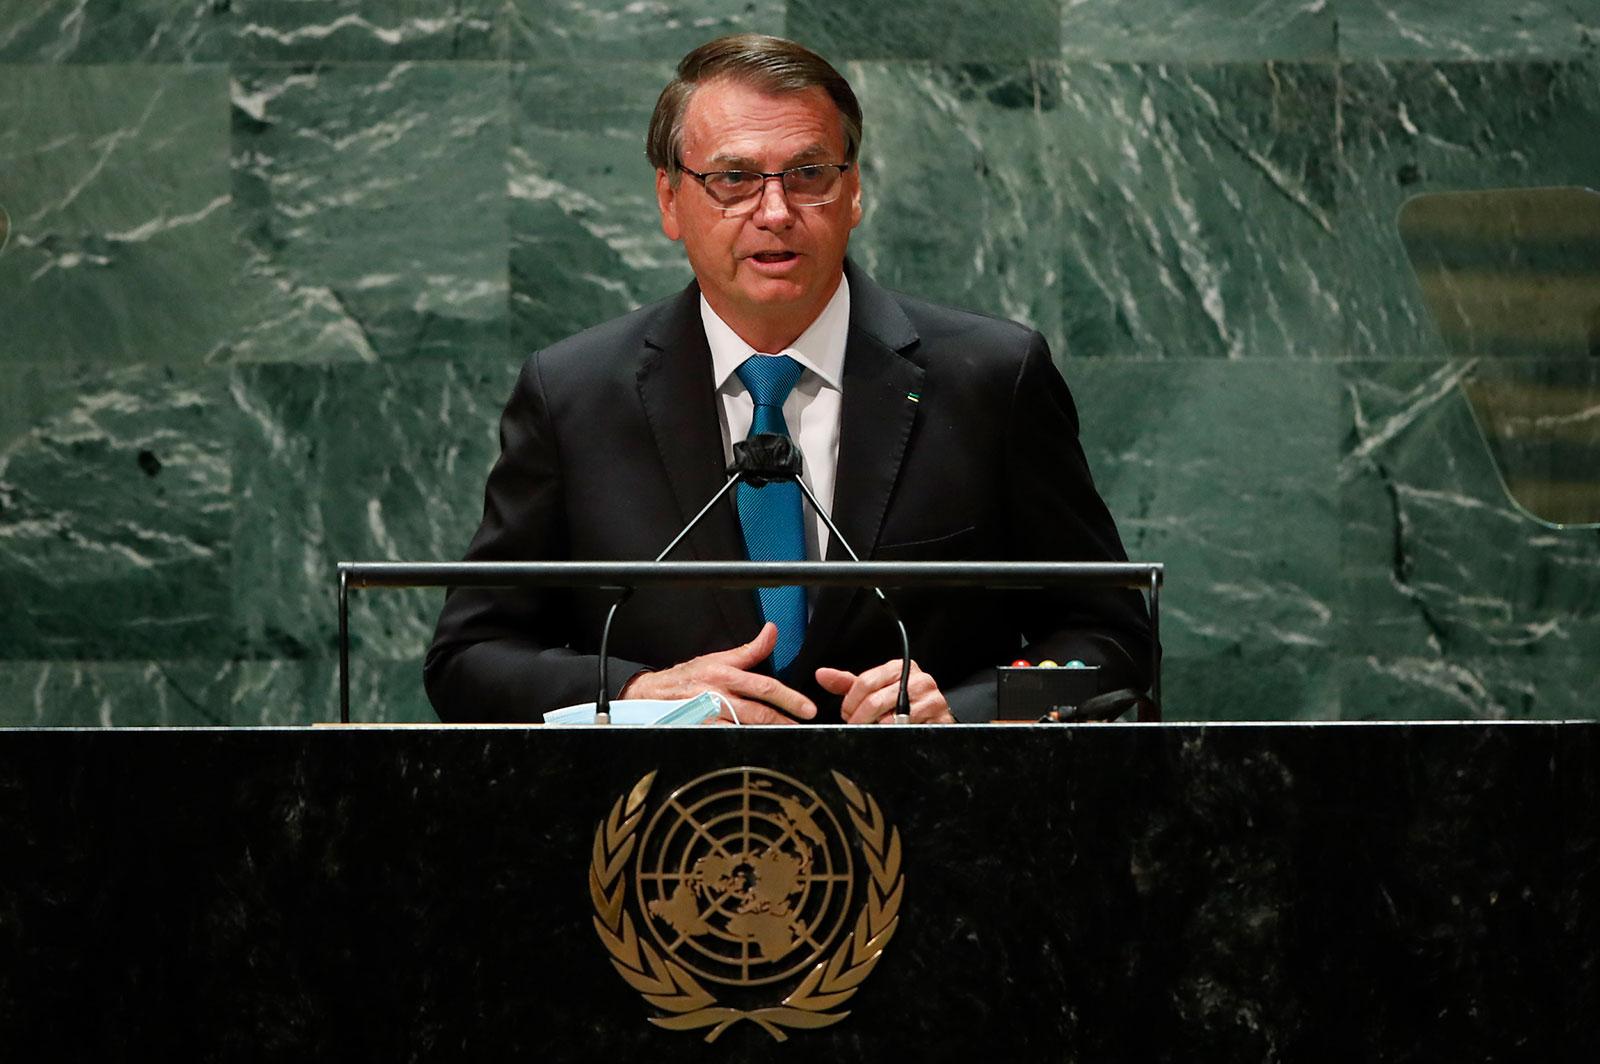 Brazilian President Jair Bolsonaro addresses the United Nations General Assembly on September 21.